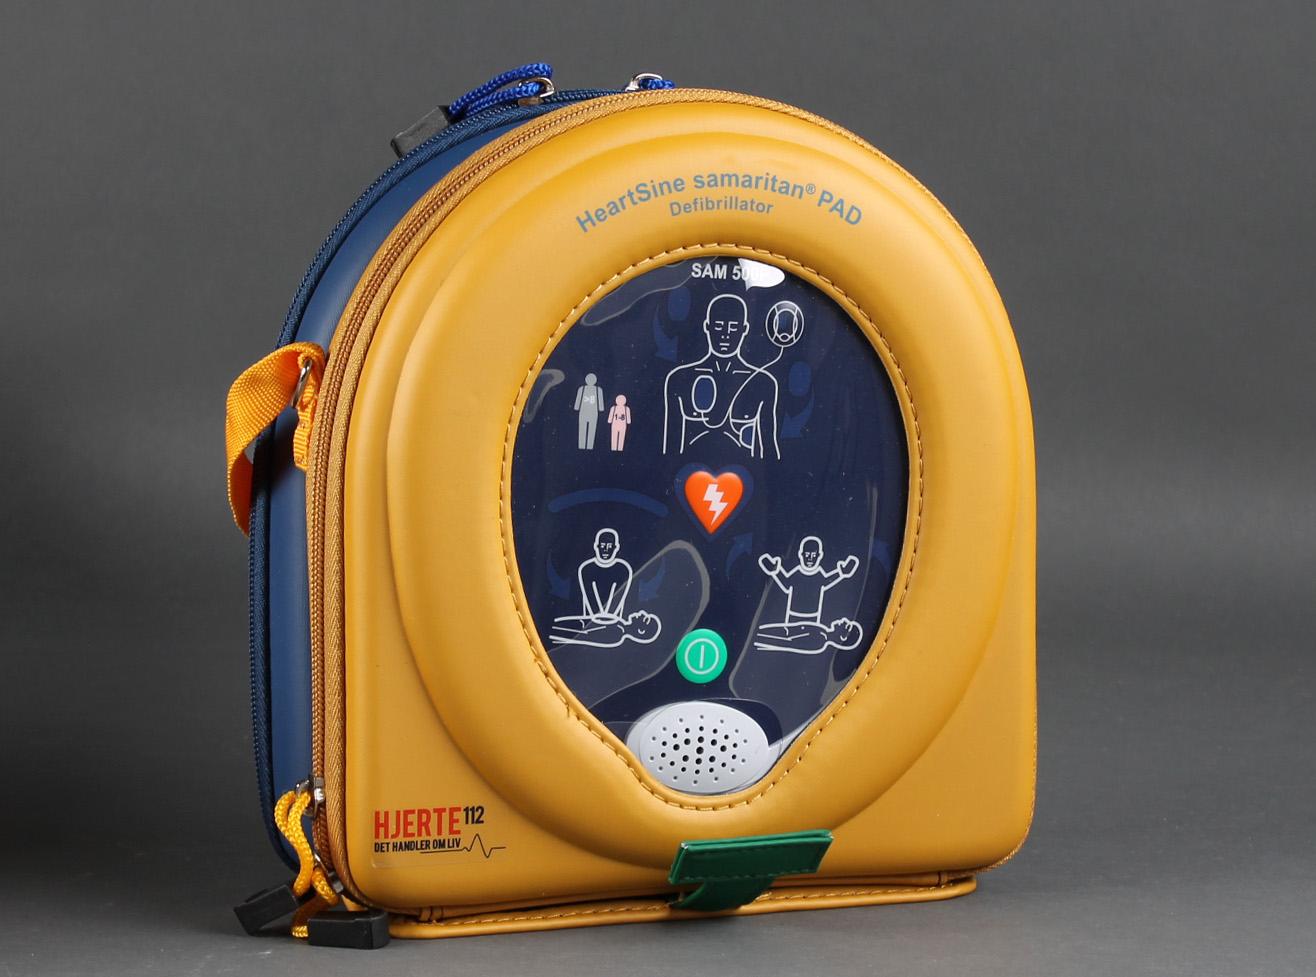 Hjertestarter, Heartsine Samaritan PAD 500 - Hjertestarter fra Hjerte112.dk Model Heartsine Samaritan Pad 500. Vægbeslag til AED First Aid kit * AED Klistermærker AED A5 skilt med refleksion Brugermanual Batterier Elektroder AED Løsningen har dansk stemmeguide. Montering samt evt. kurser kan...